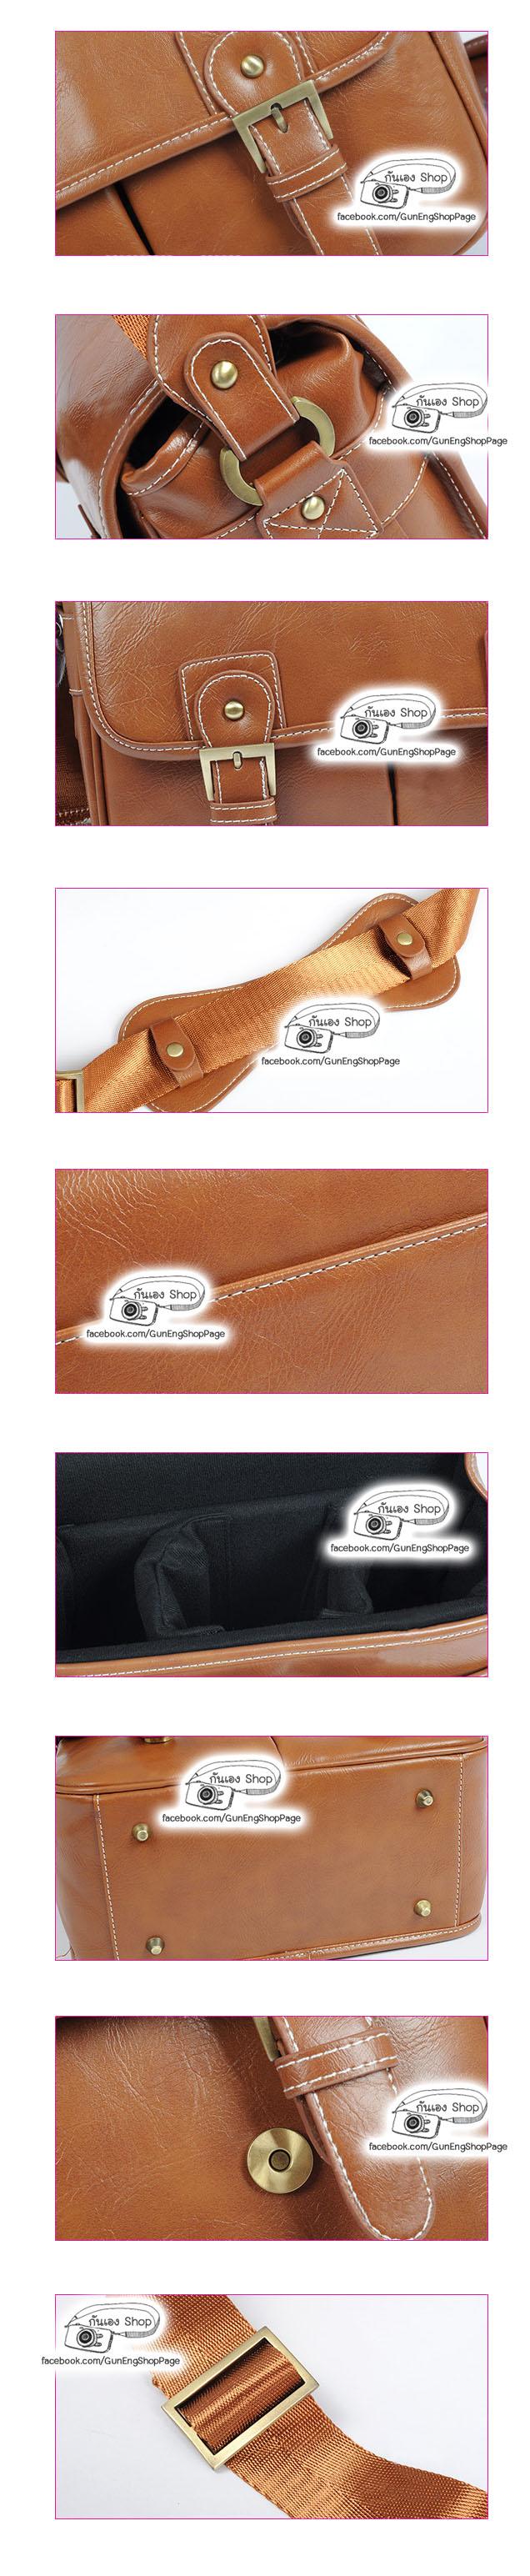 กระเป๋ากล้องหนัง Smart Leather Bag (M)